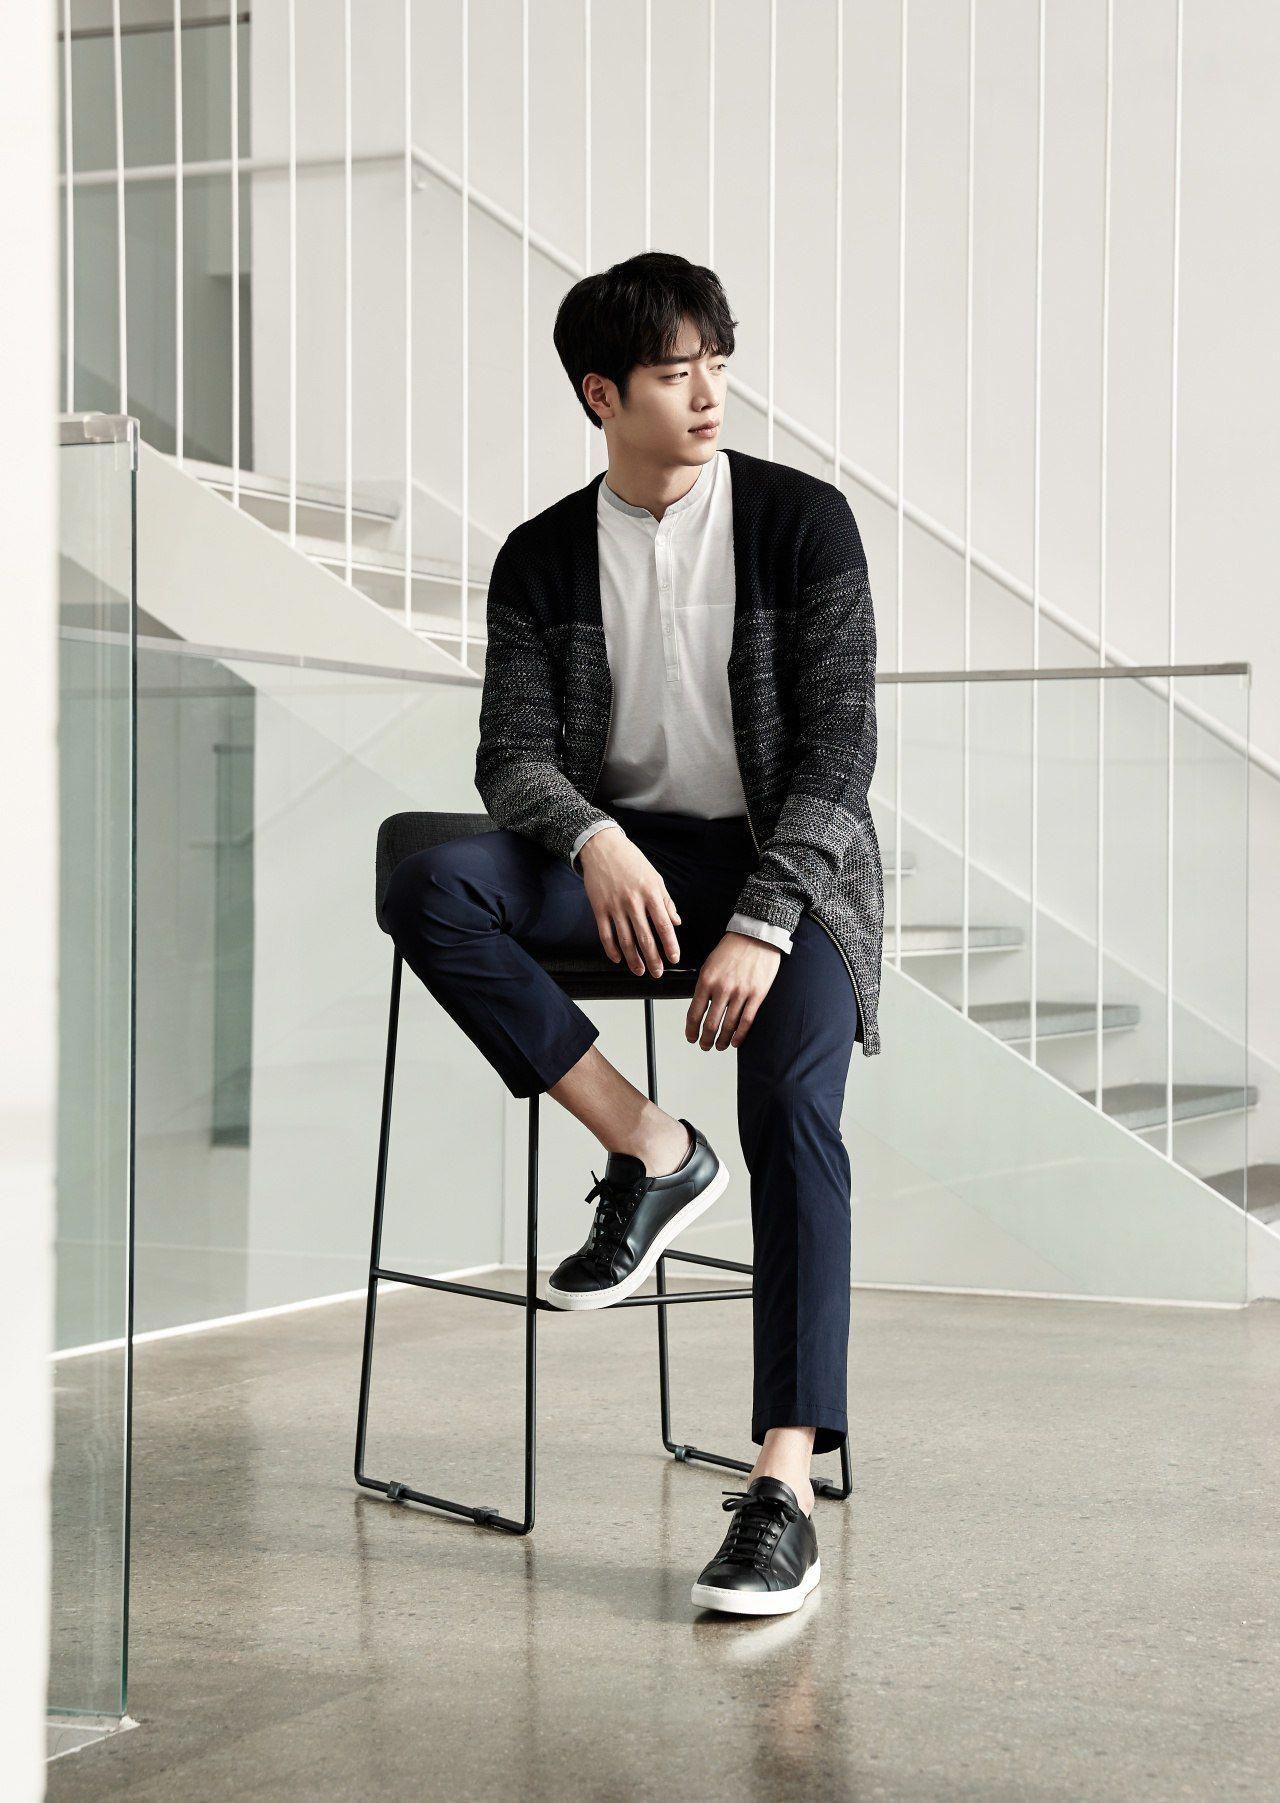 Thời trang phong cách minimalism chất lừ cho nam